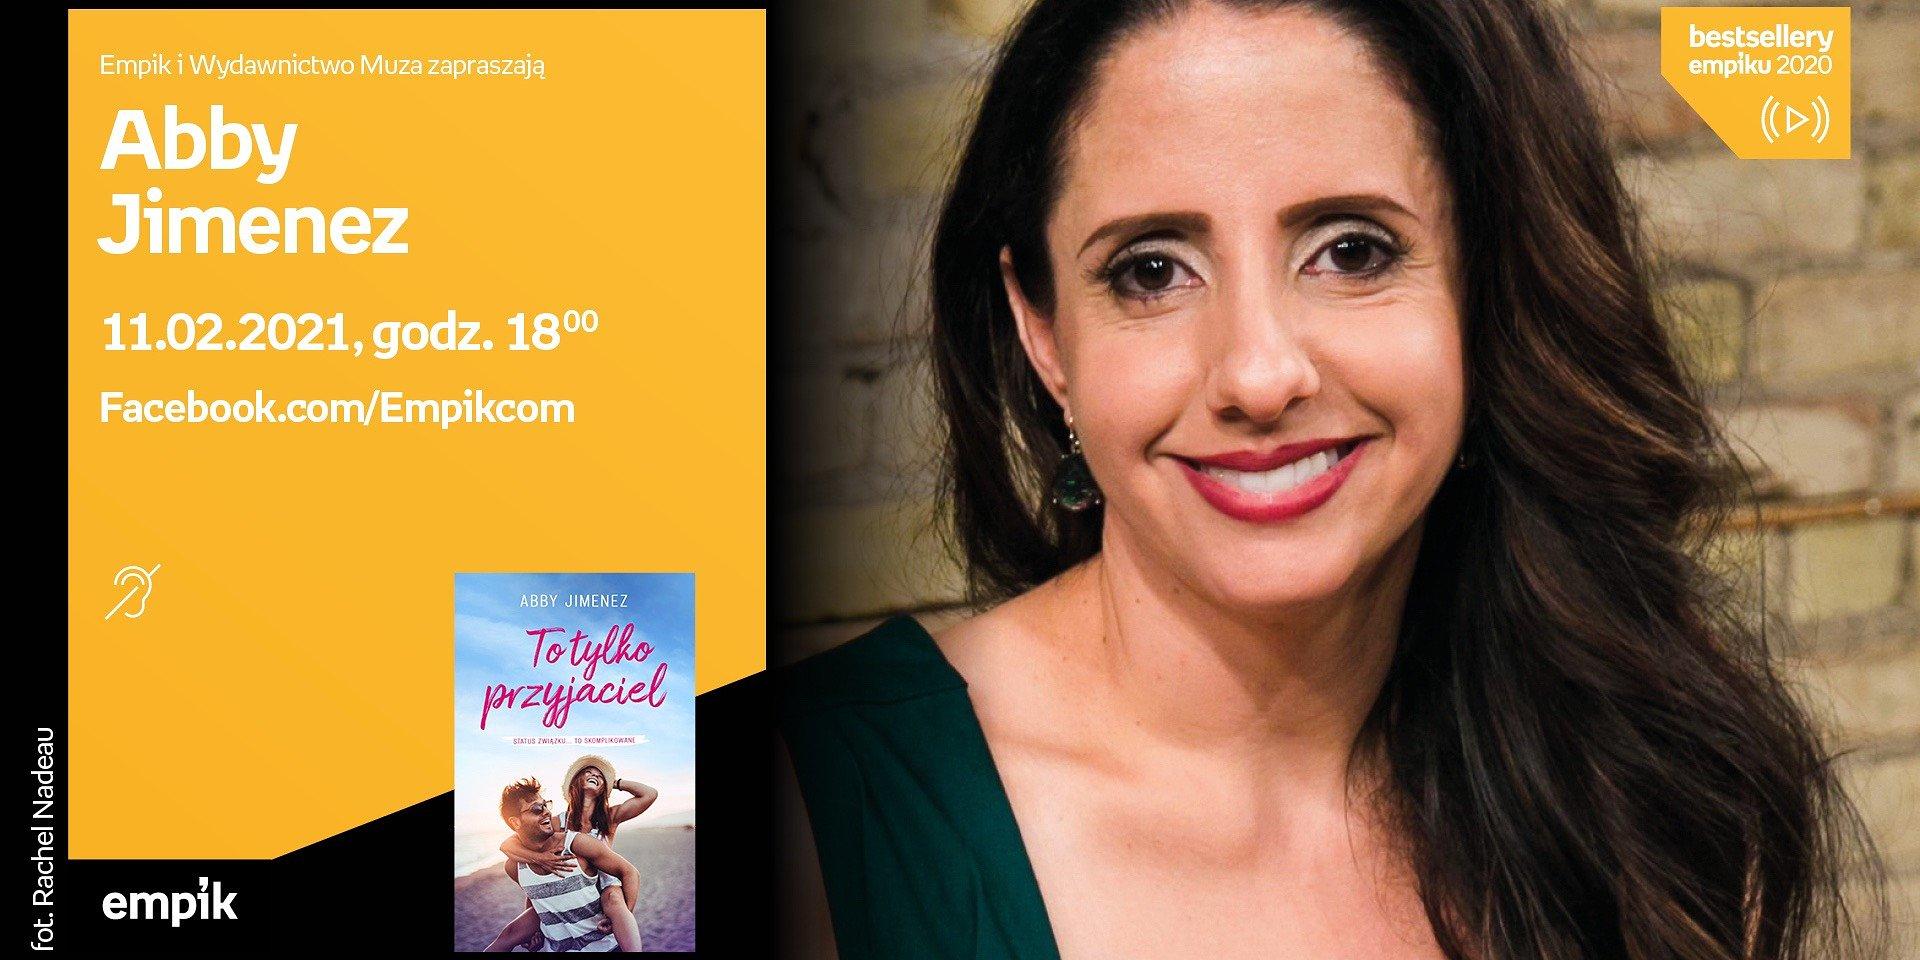 Wieczory z bestsellerami – spotkania online z Grażyną Torbicką i Maciejem Stuhrem, Abby Jimenez oraz Katarzyną Grocholą